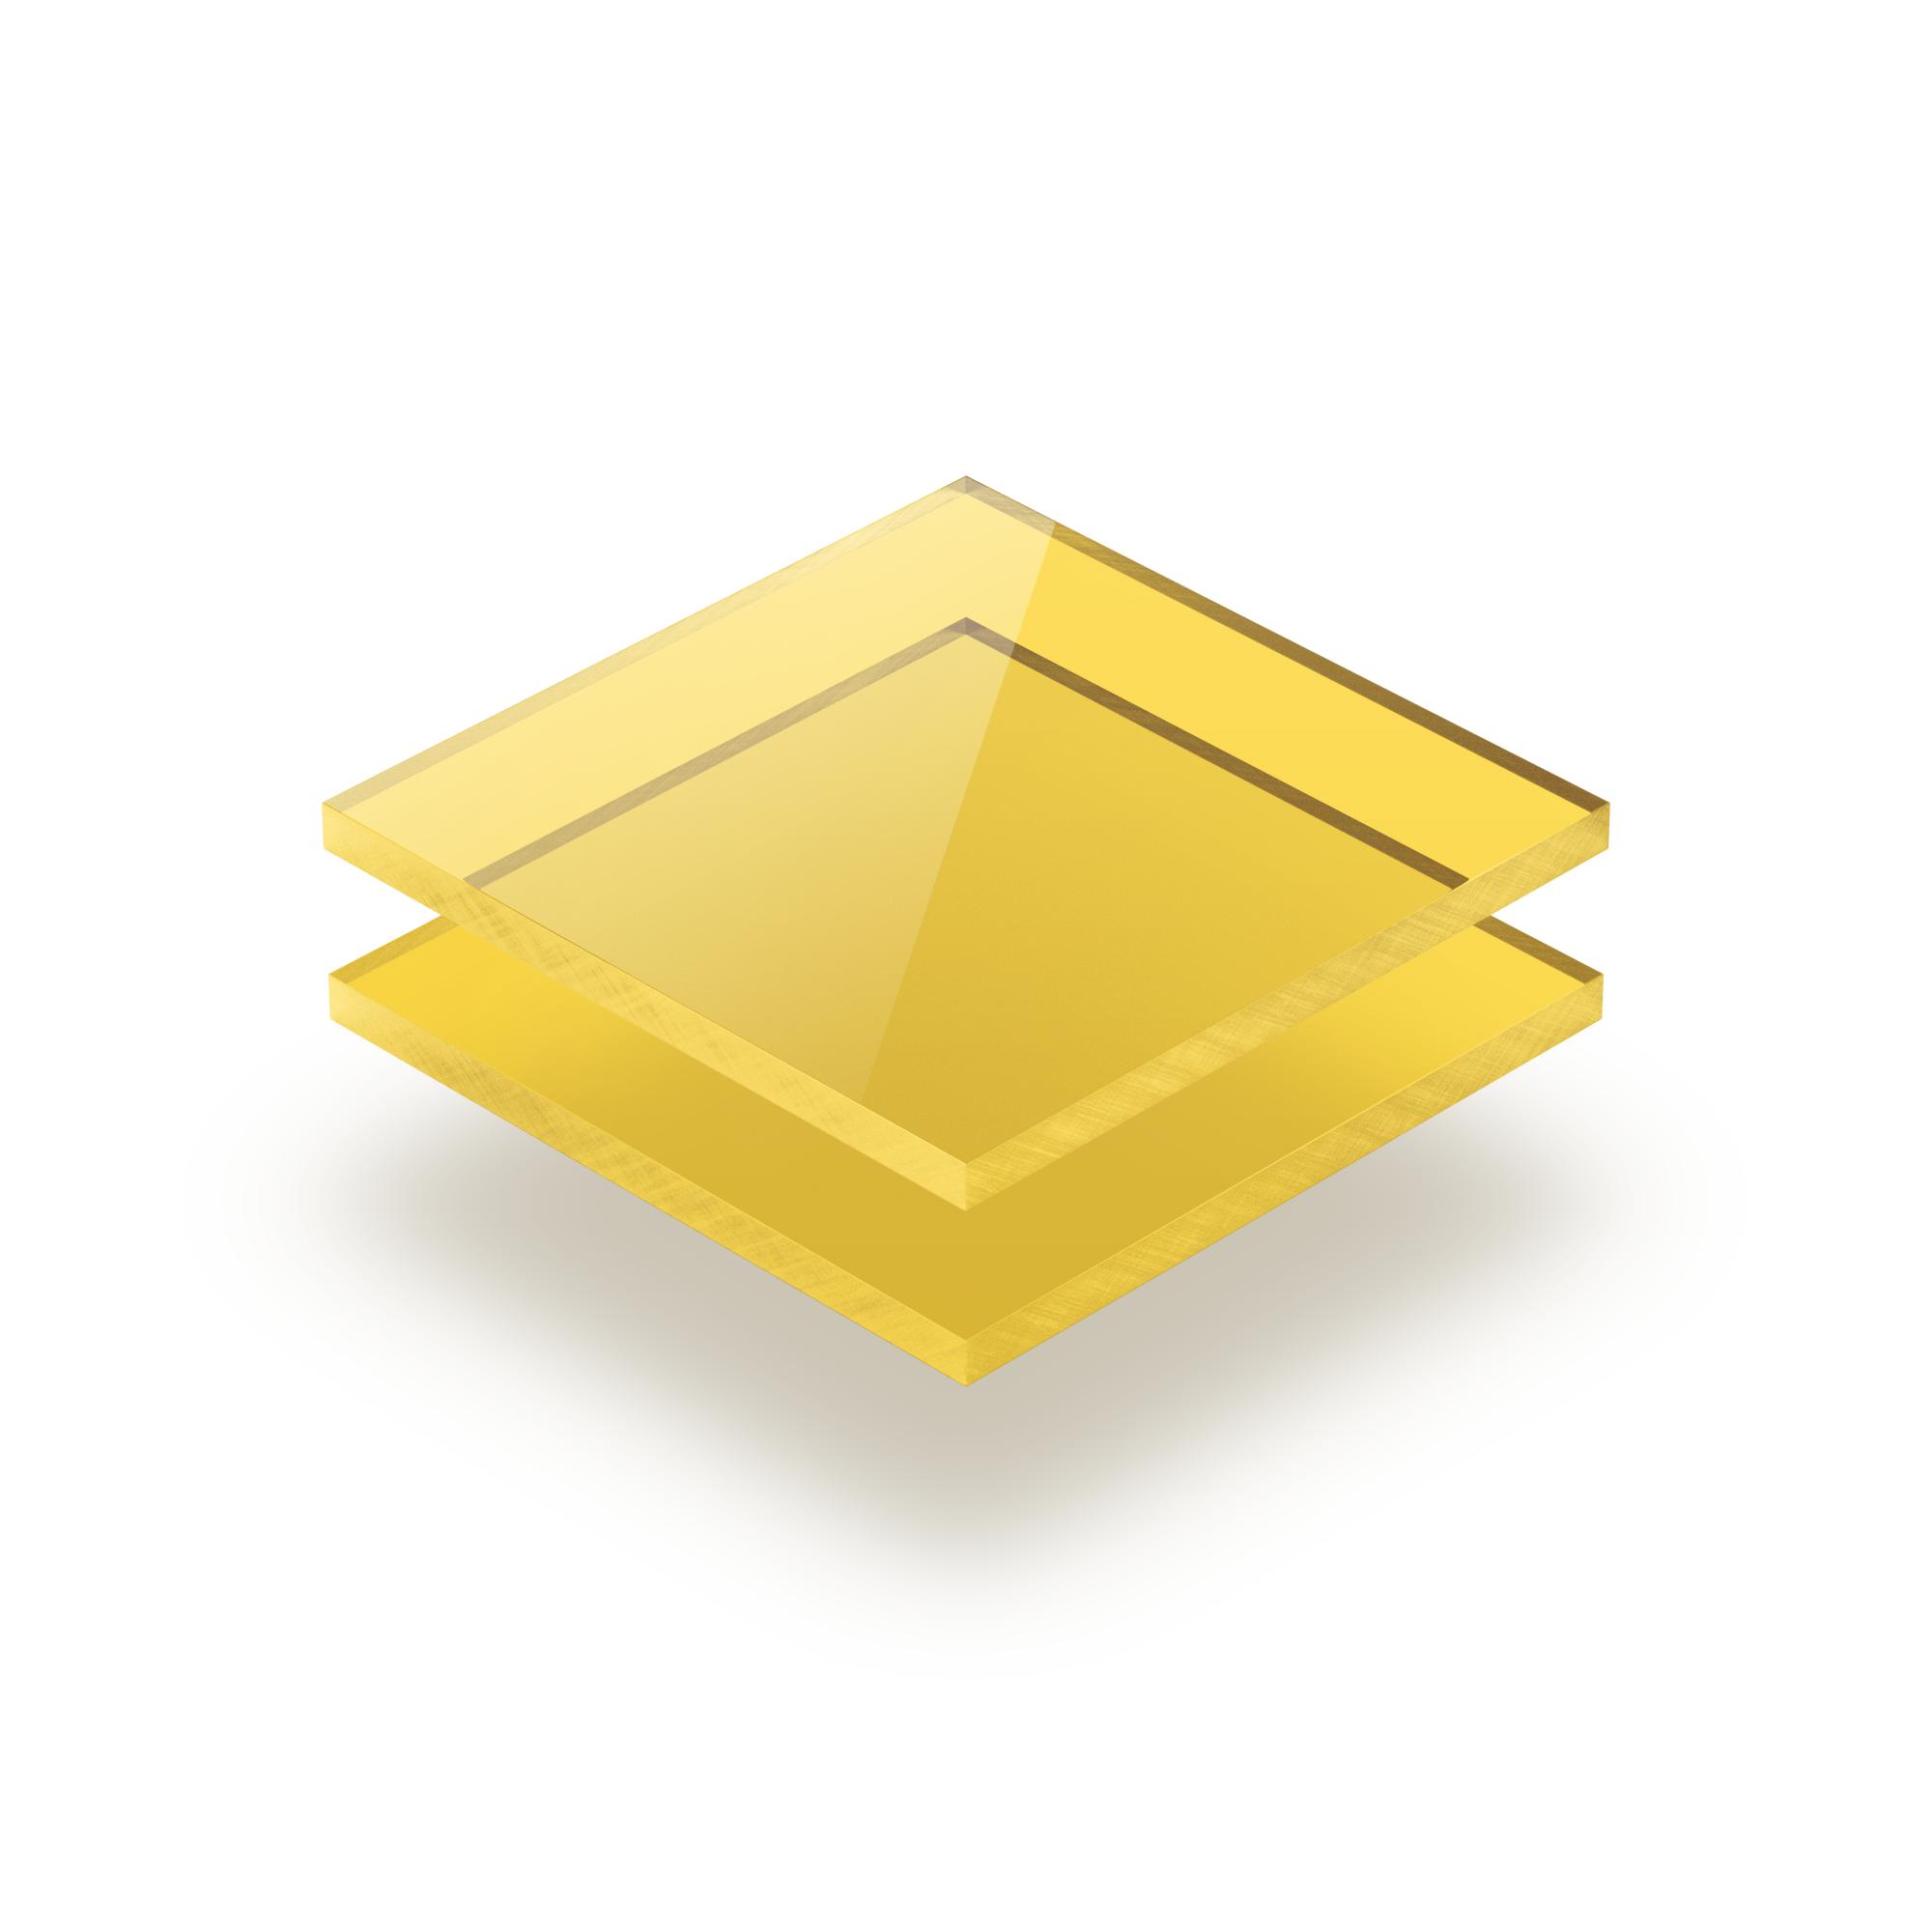 plexiglas geel 3 mm gratis op maat gezaagd. Black Bedroom Furniture Sets. Home Design Ideas